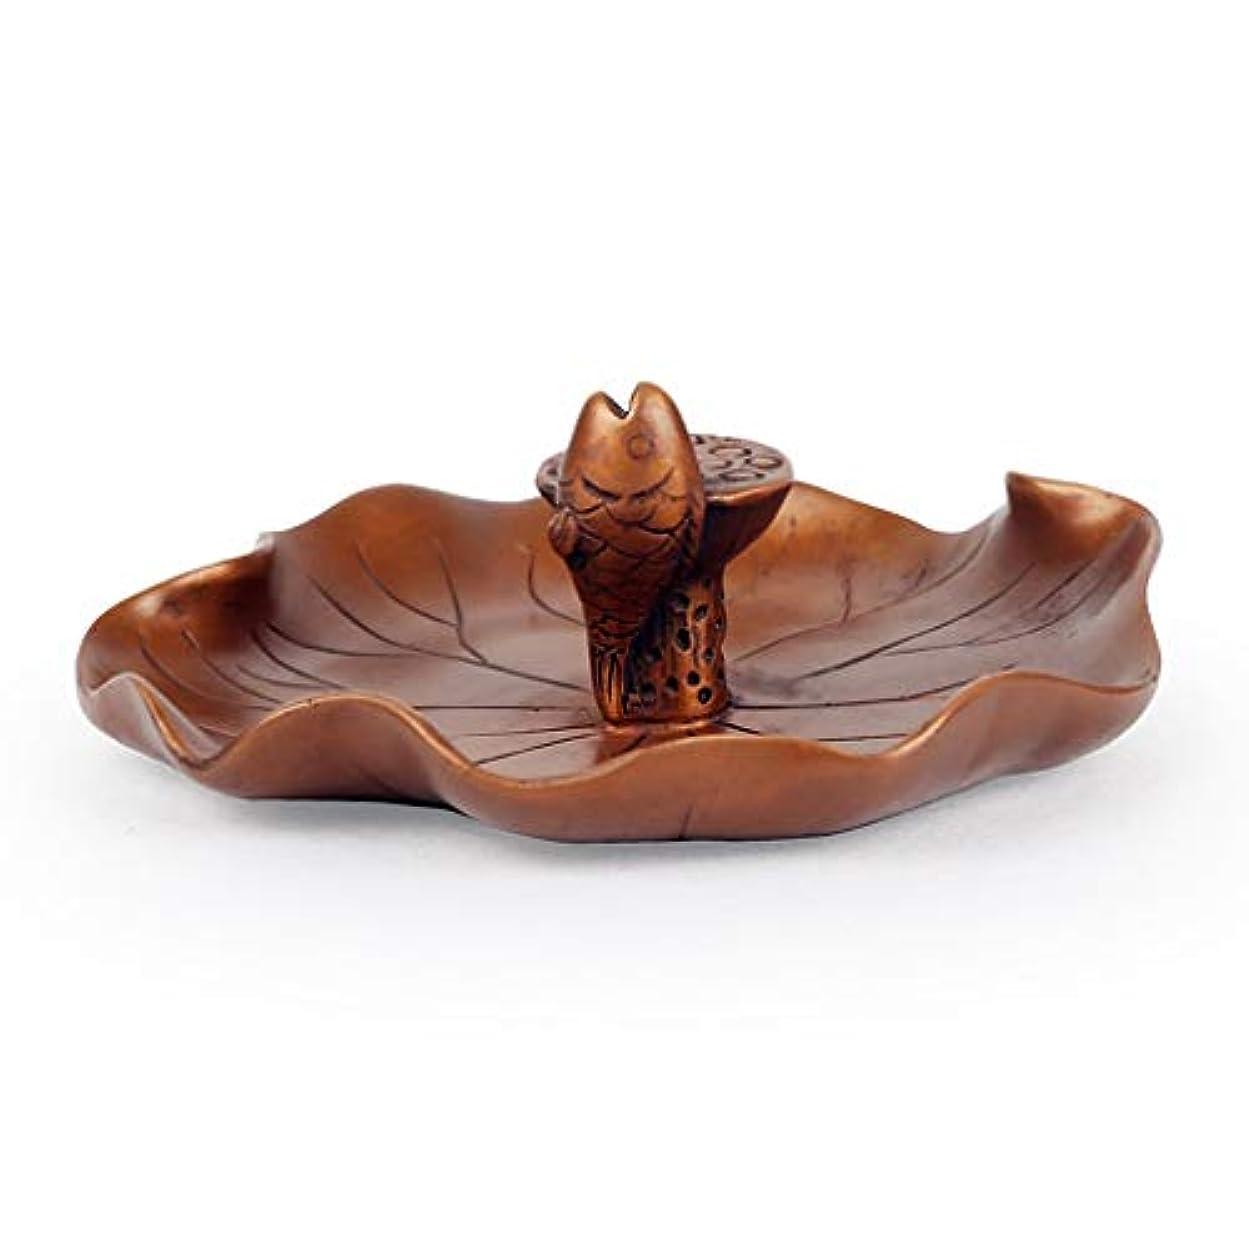 たとえ後方価格ホームアロマバーナー 還流香炉ホーム香りの良い禅禅ラッキー鑑賞新しいクリエイティブアガーウッド香バーナー装飾 アロマバーナー (Color : Brass)